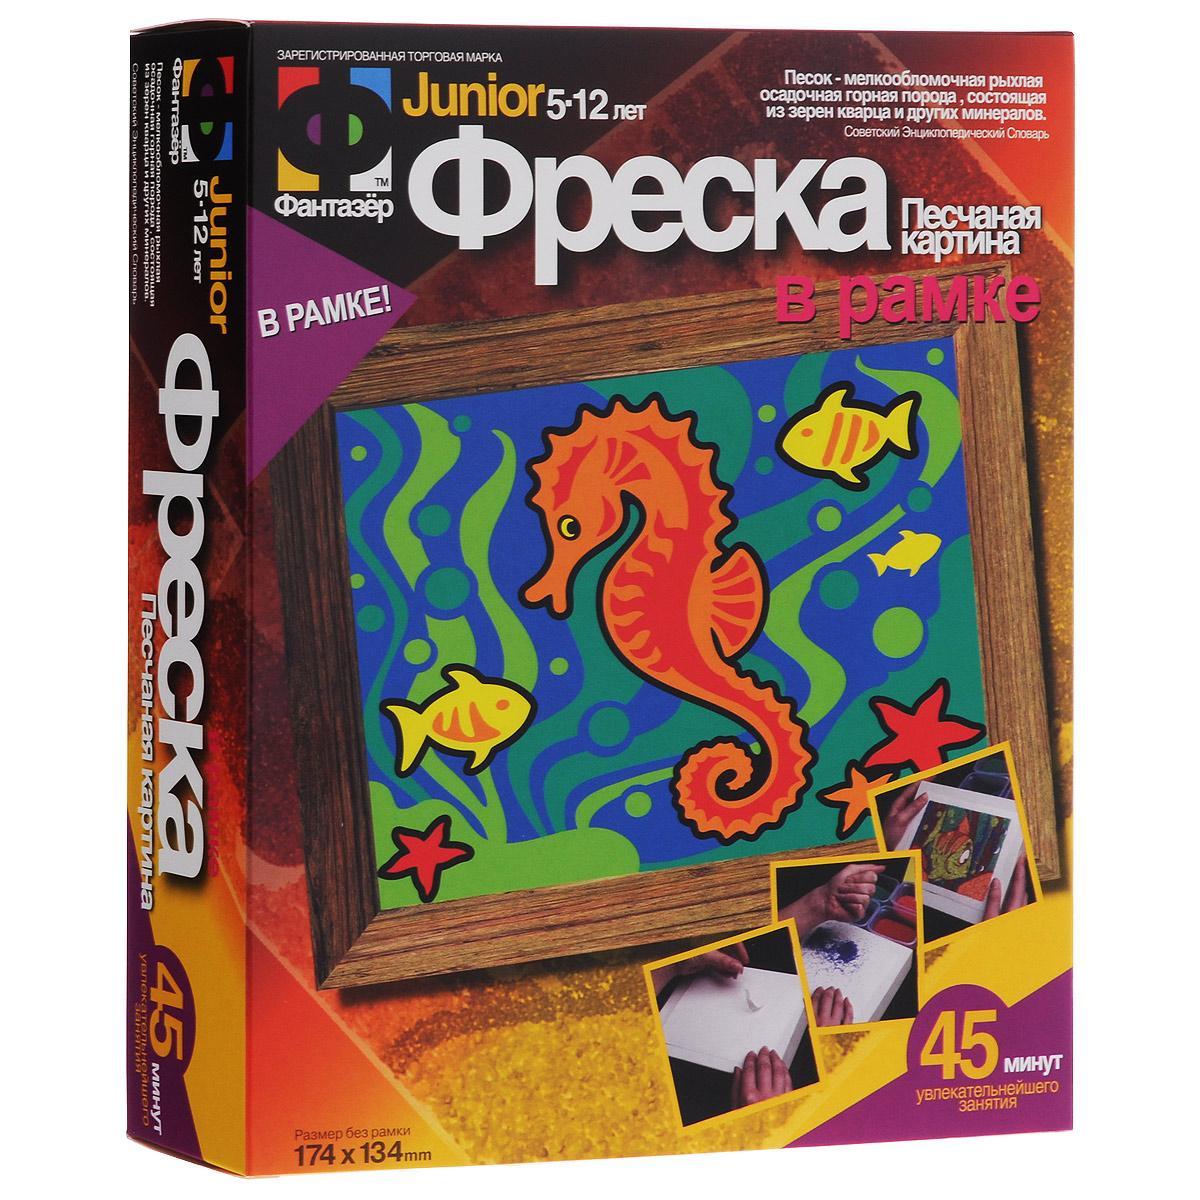 """С набором для создания фрески Фантазер """"Морской конек"""" ваш ребенок сможет изготовить удивительную картину из цветного песка! В набор входят: кварцевый песок 7 цветов (зеленый, светло-зеленый, желтый, оранжевый, красный, черный, синий), специальная трехслойная основа, заготовка рамки, шаблон. Малыш без труда создаст необычную """"песчаную картину"""", которая будет отличным украшением комнаты или кабинета и объектом гордости вашего ребенка. Процесс создания картины из песка прост и увлекателен - достаточно отклеить защитный слой с каждого элемента и засыпать его песком разных цветов, ориентируясь на изображение на упаковке. Начинайте с песка черного цвета, переходя от темных оттенков к более светлым, от мелких элементов к более крупным. Готовую картинку с изображением милого морского конька можно оформить входящей в комплект сборной рамкой. Инструкция расположена на обратной стороне упаковки. Вас ждет интересное занятие и великолепный результат!"""